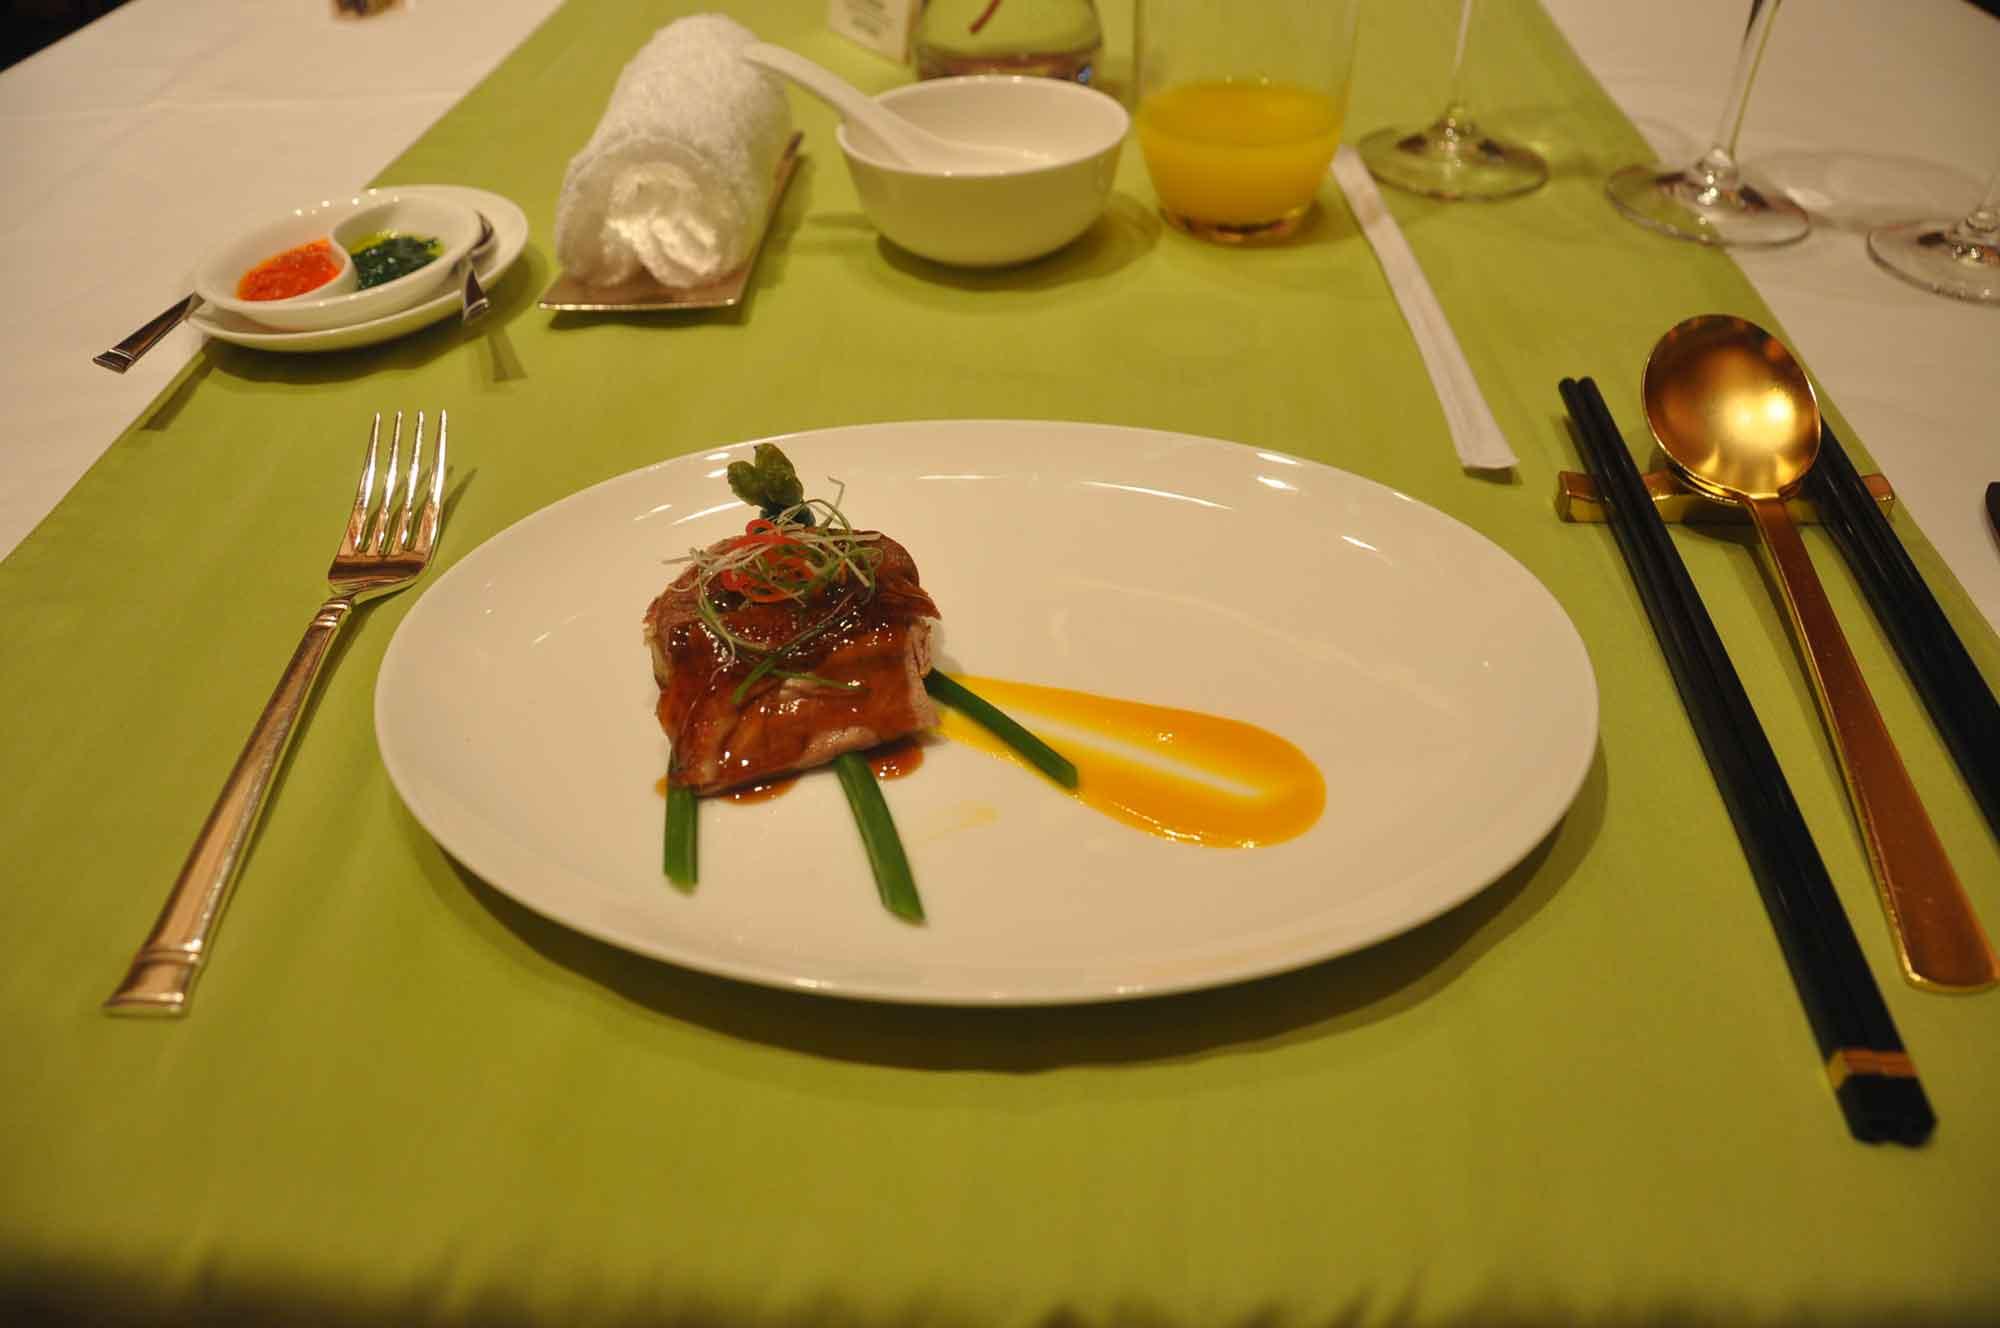 Wynn Lei abalone and pork